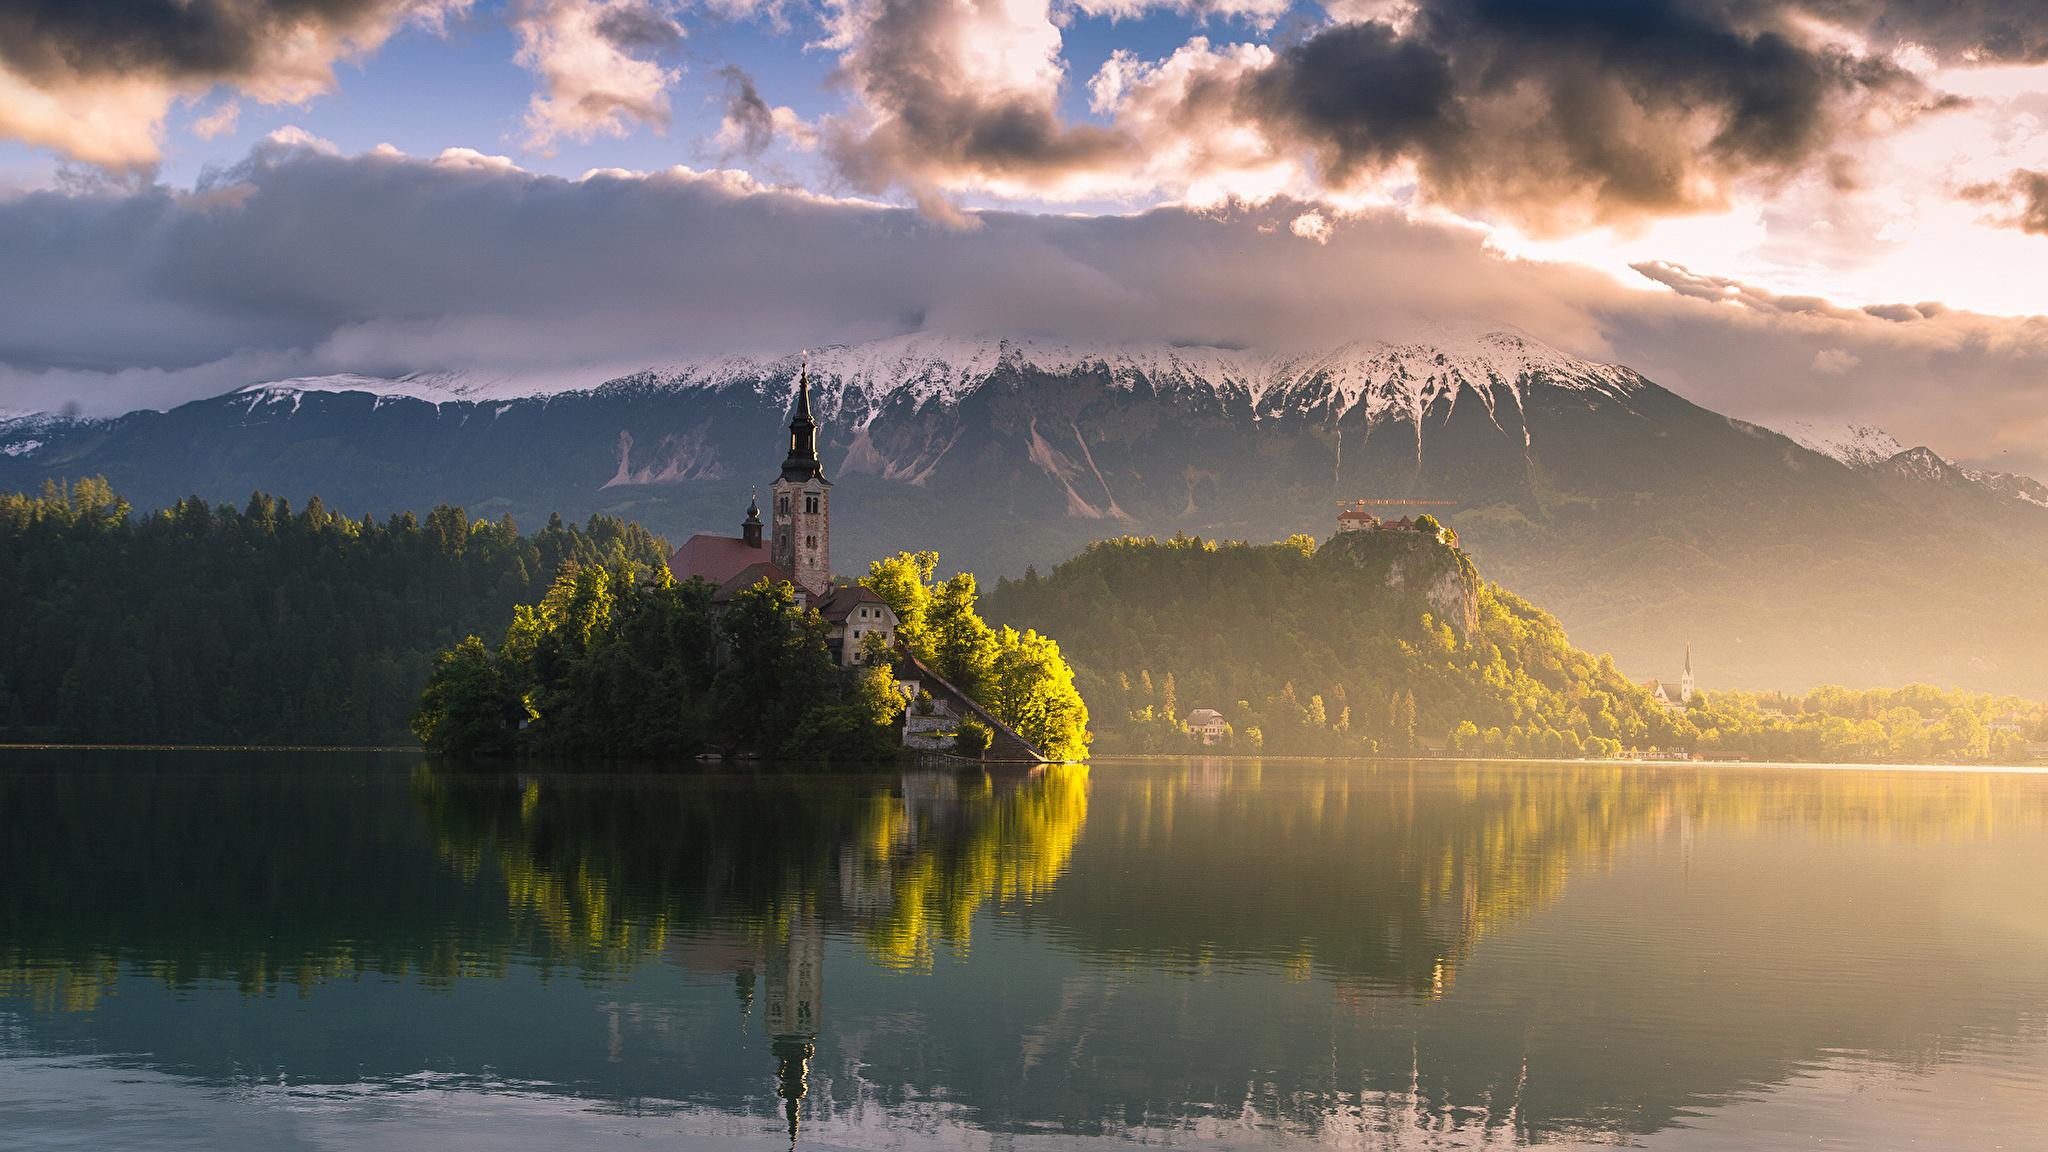 природа горе Бледское озеро отражение словения загрузить